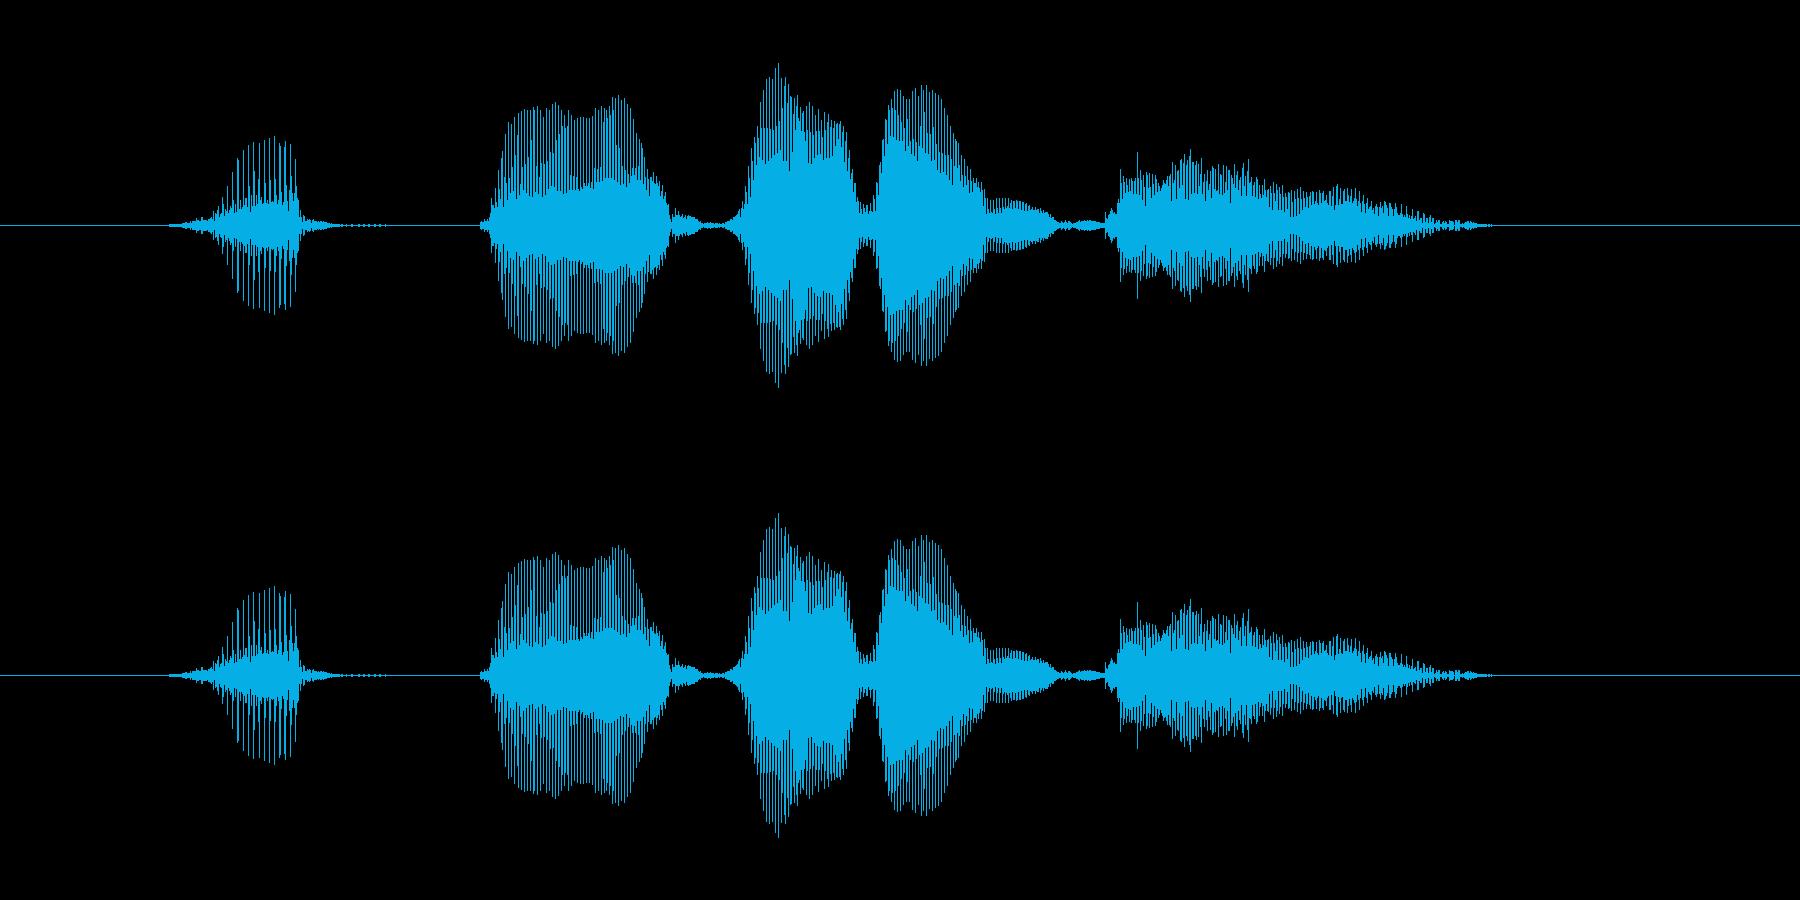 【行事・イベント・挨拶】はっぴーばれん…の再生済みの波形